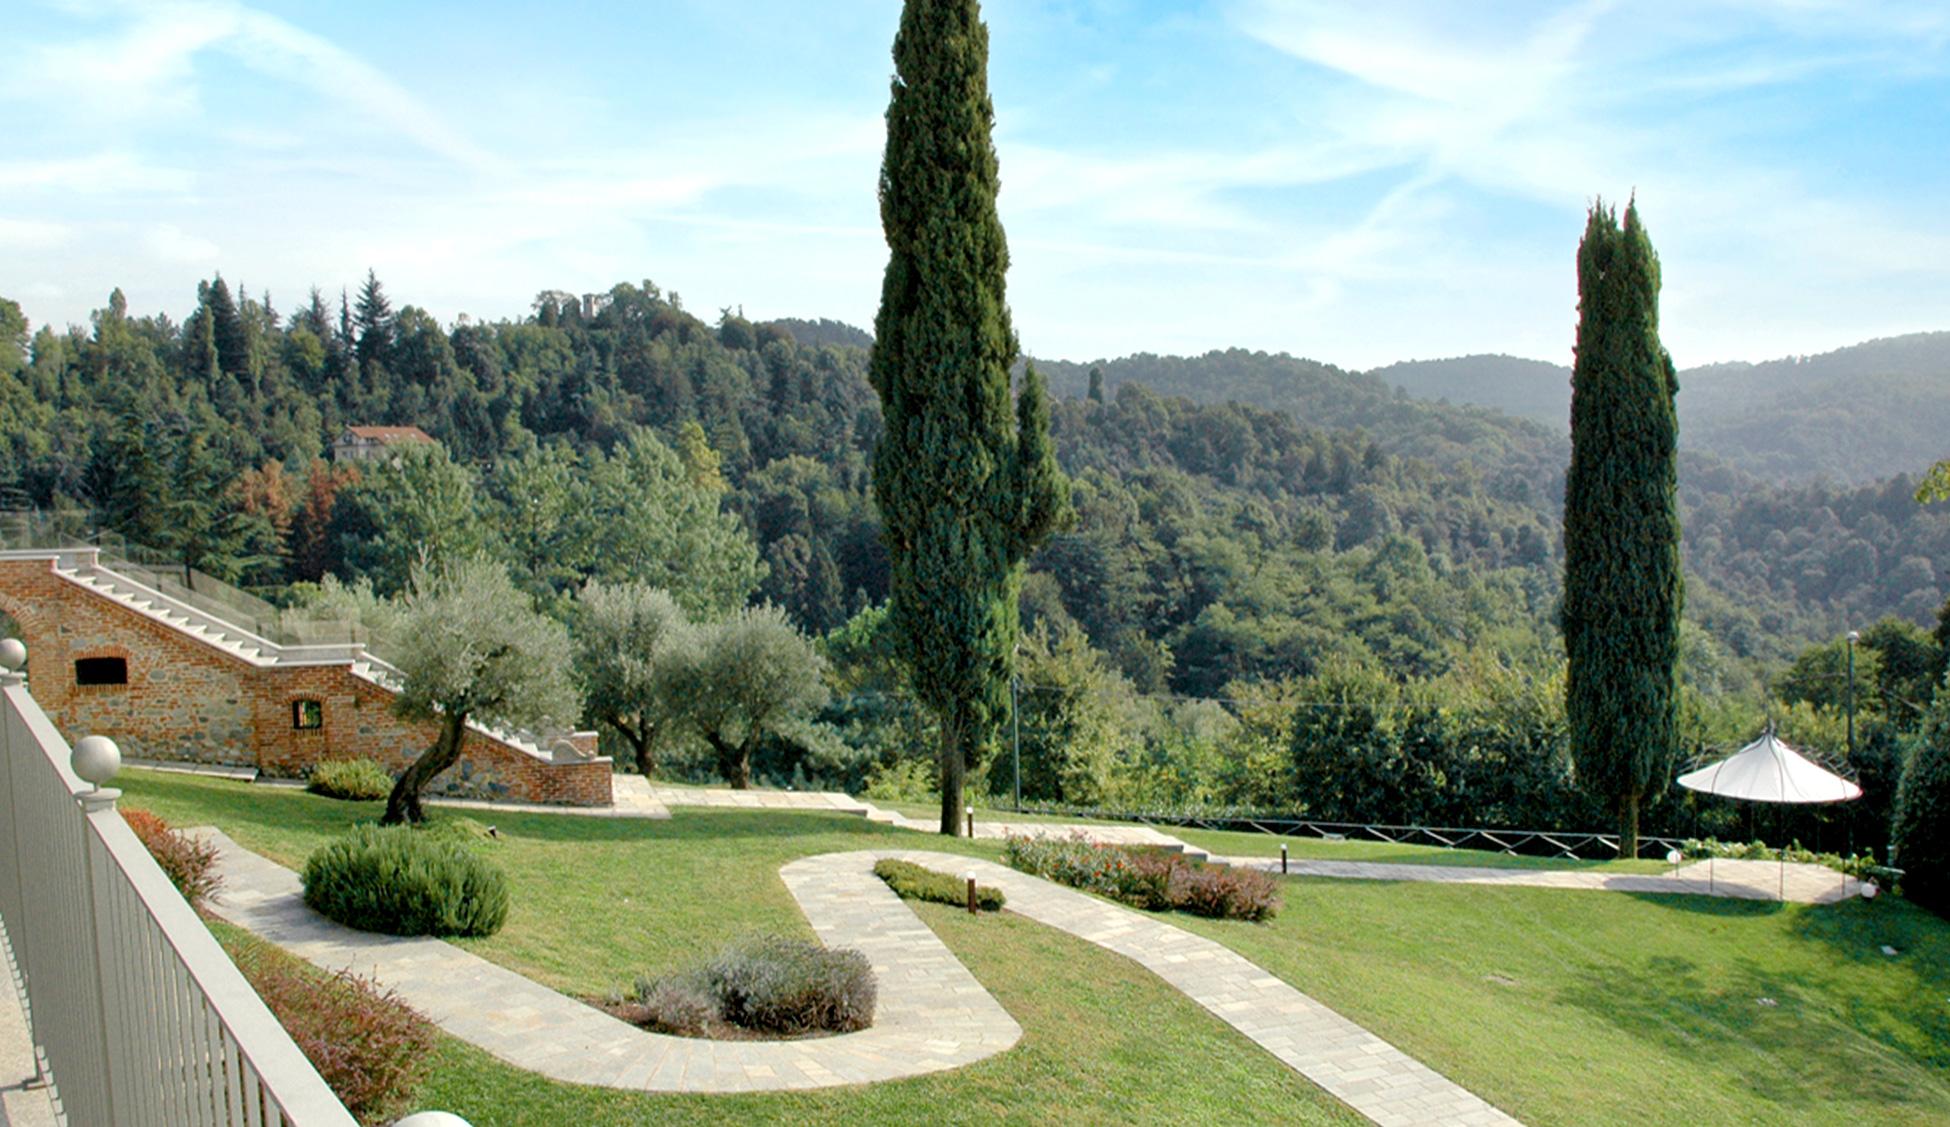 A Parco Ville Ottolenghi